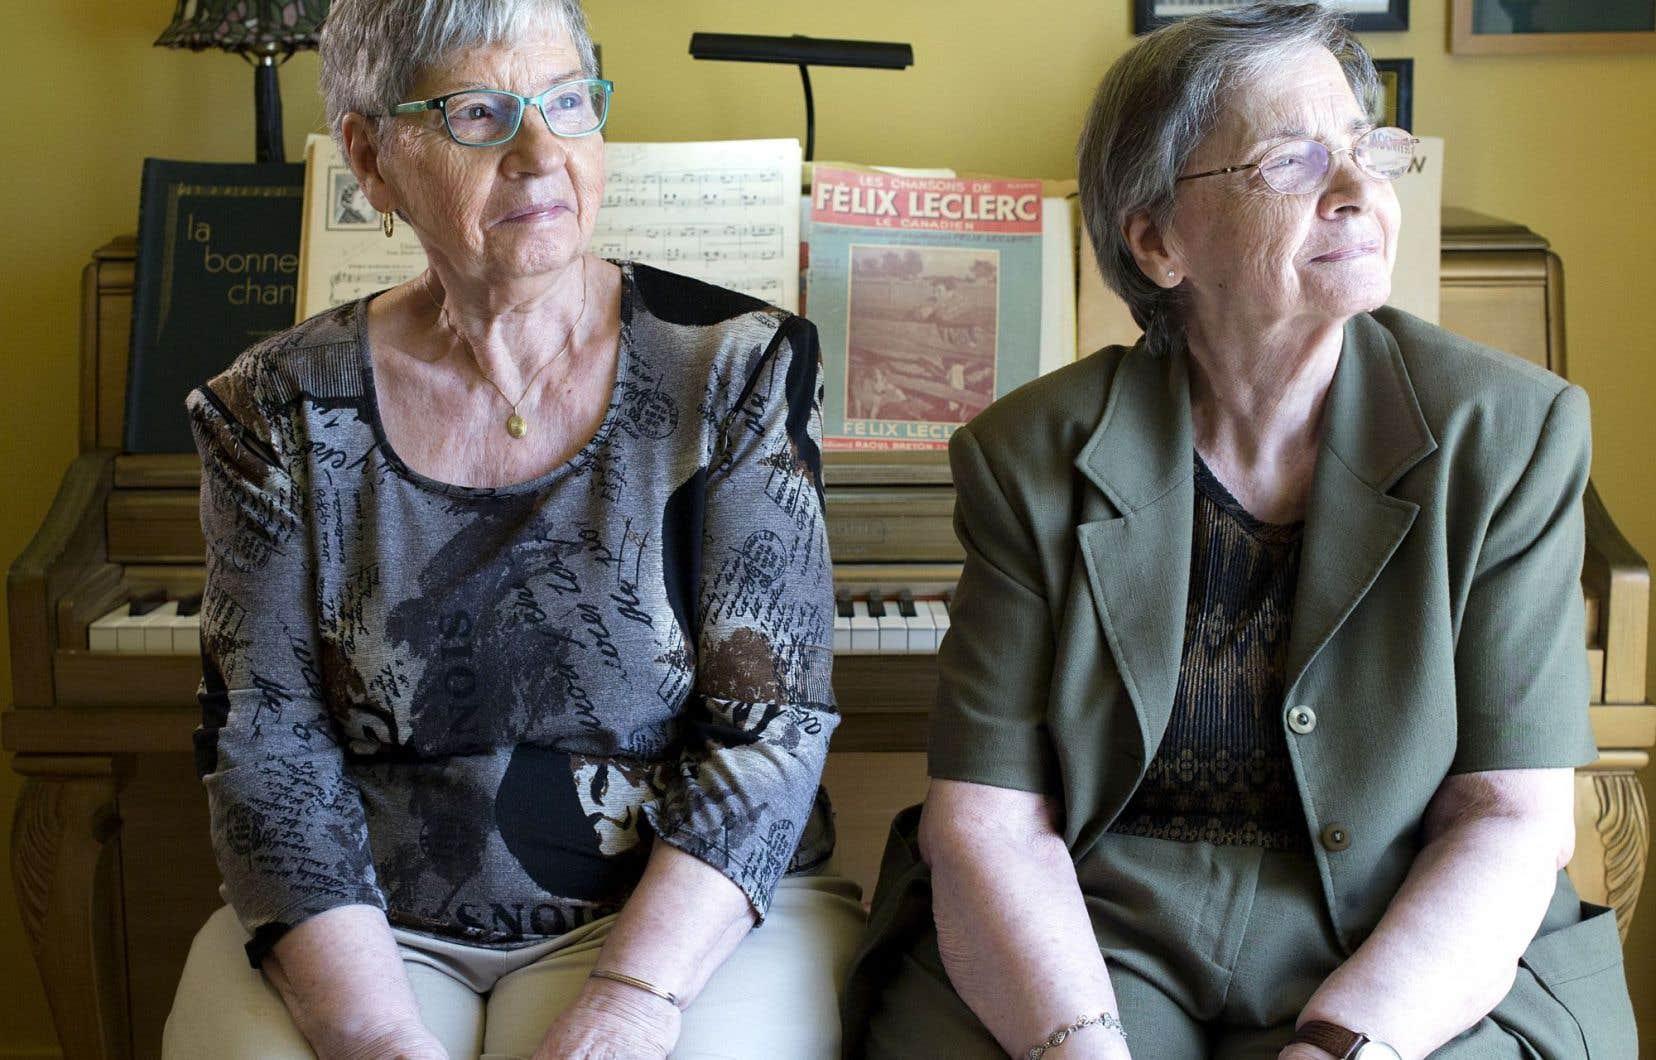 Annette et Cécile Dionne veulent que le musée qui leur est consacré ainsi qu'à leurs trois autres jumelles soit protégé par le gouvernement canadien.